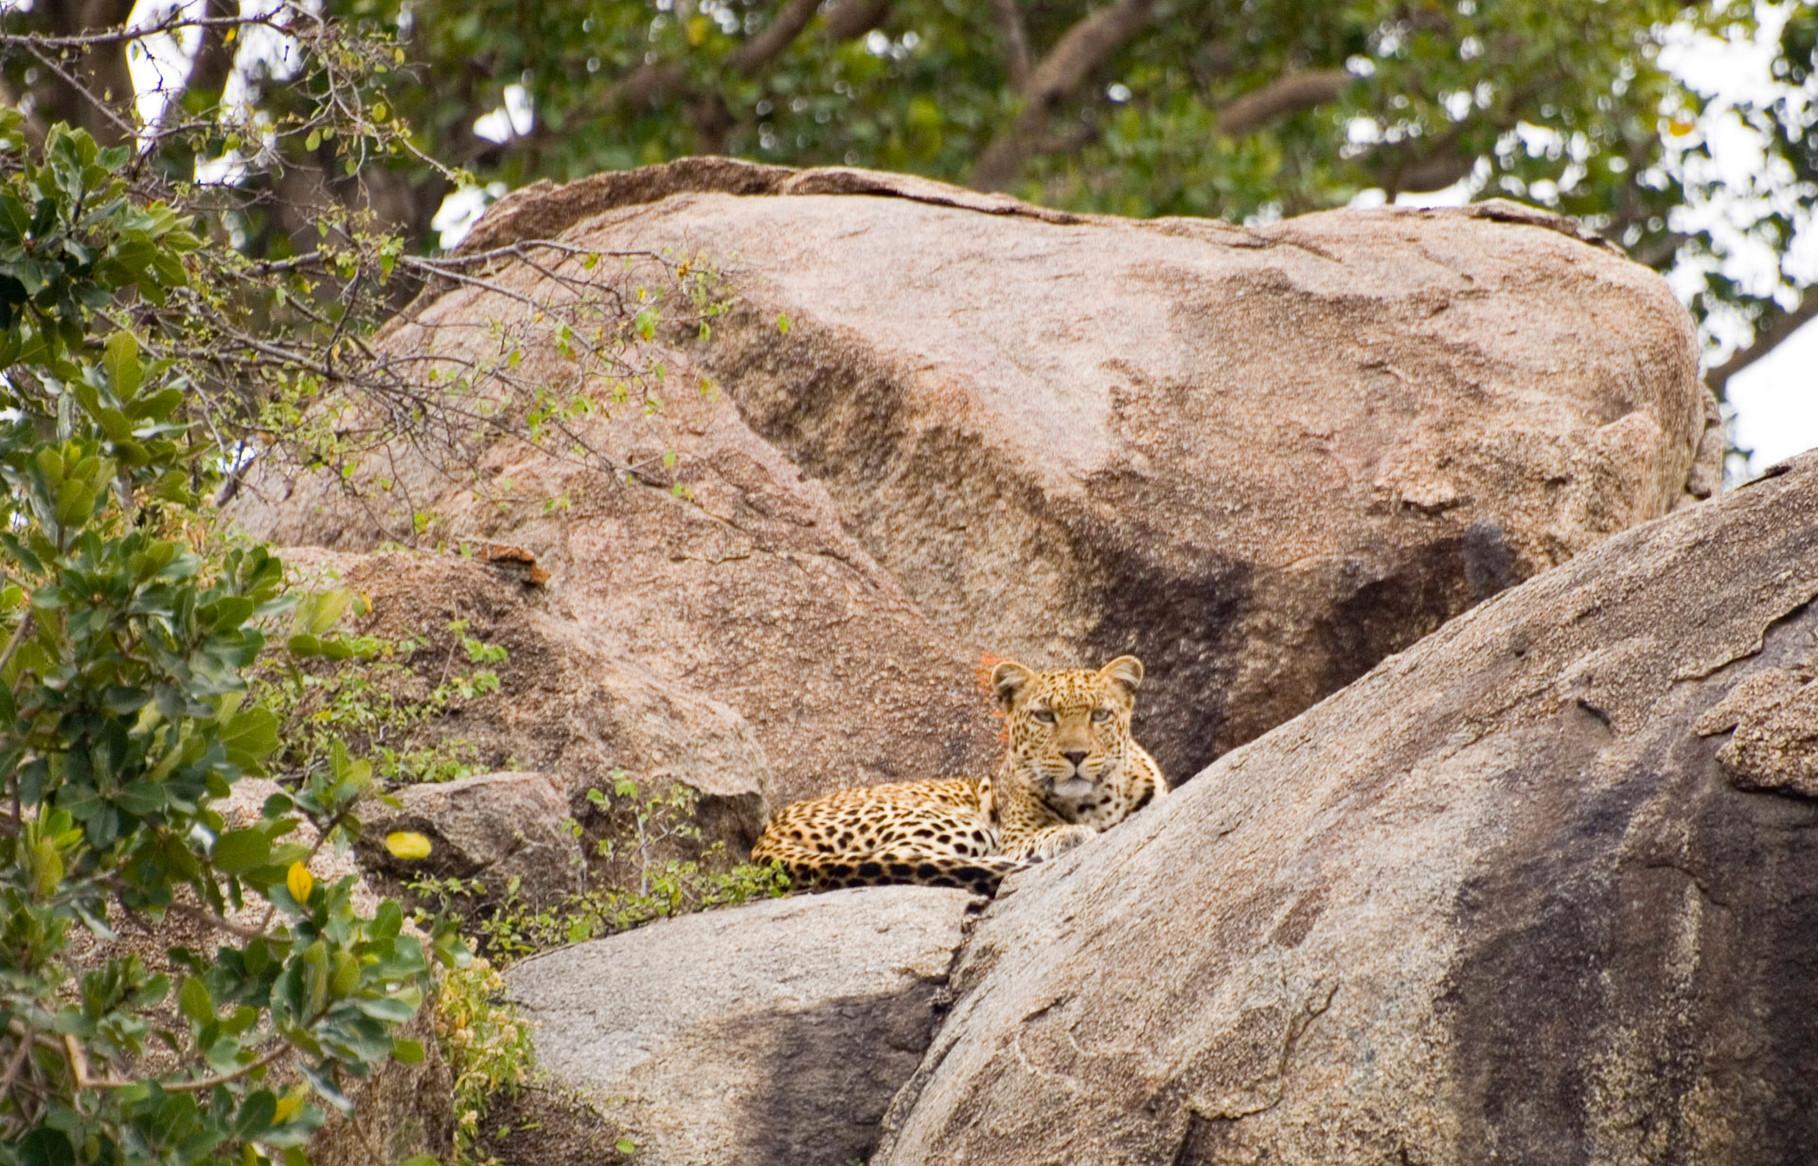 Leopard [Serengeti, Tanzania, 2012]